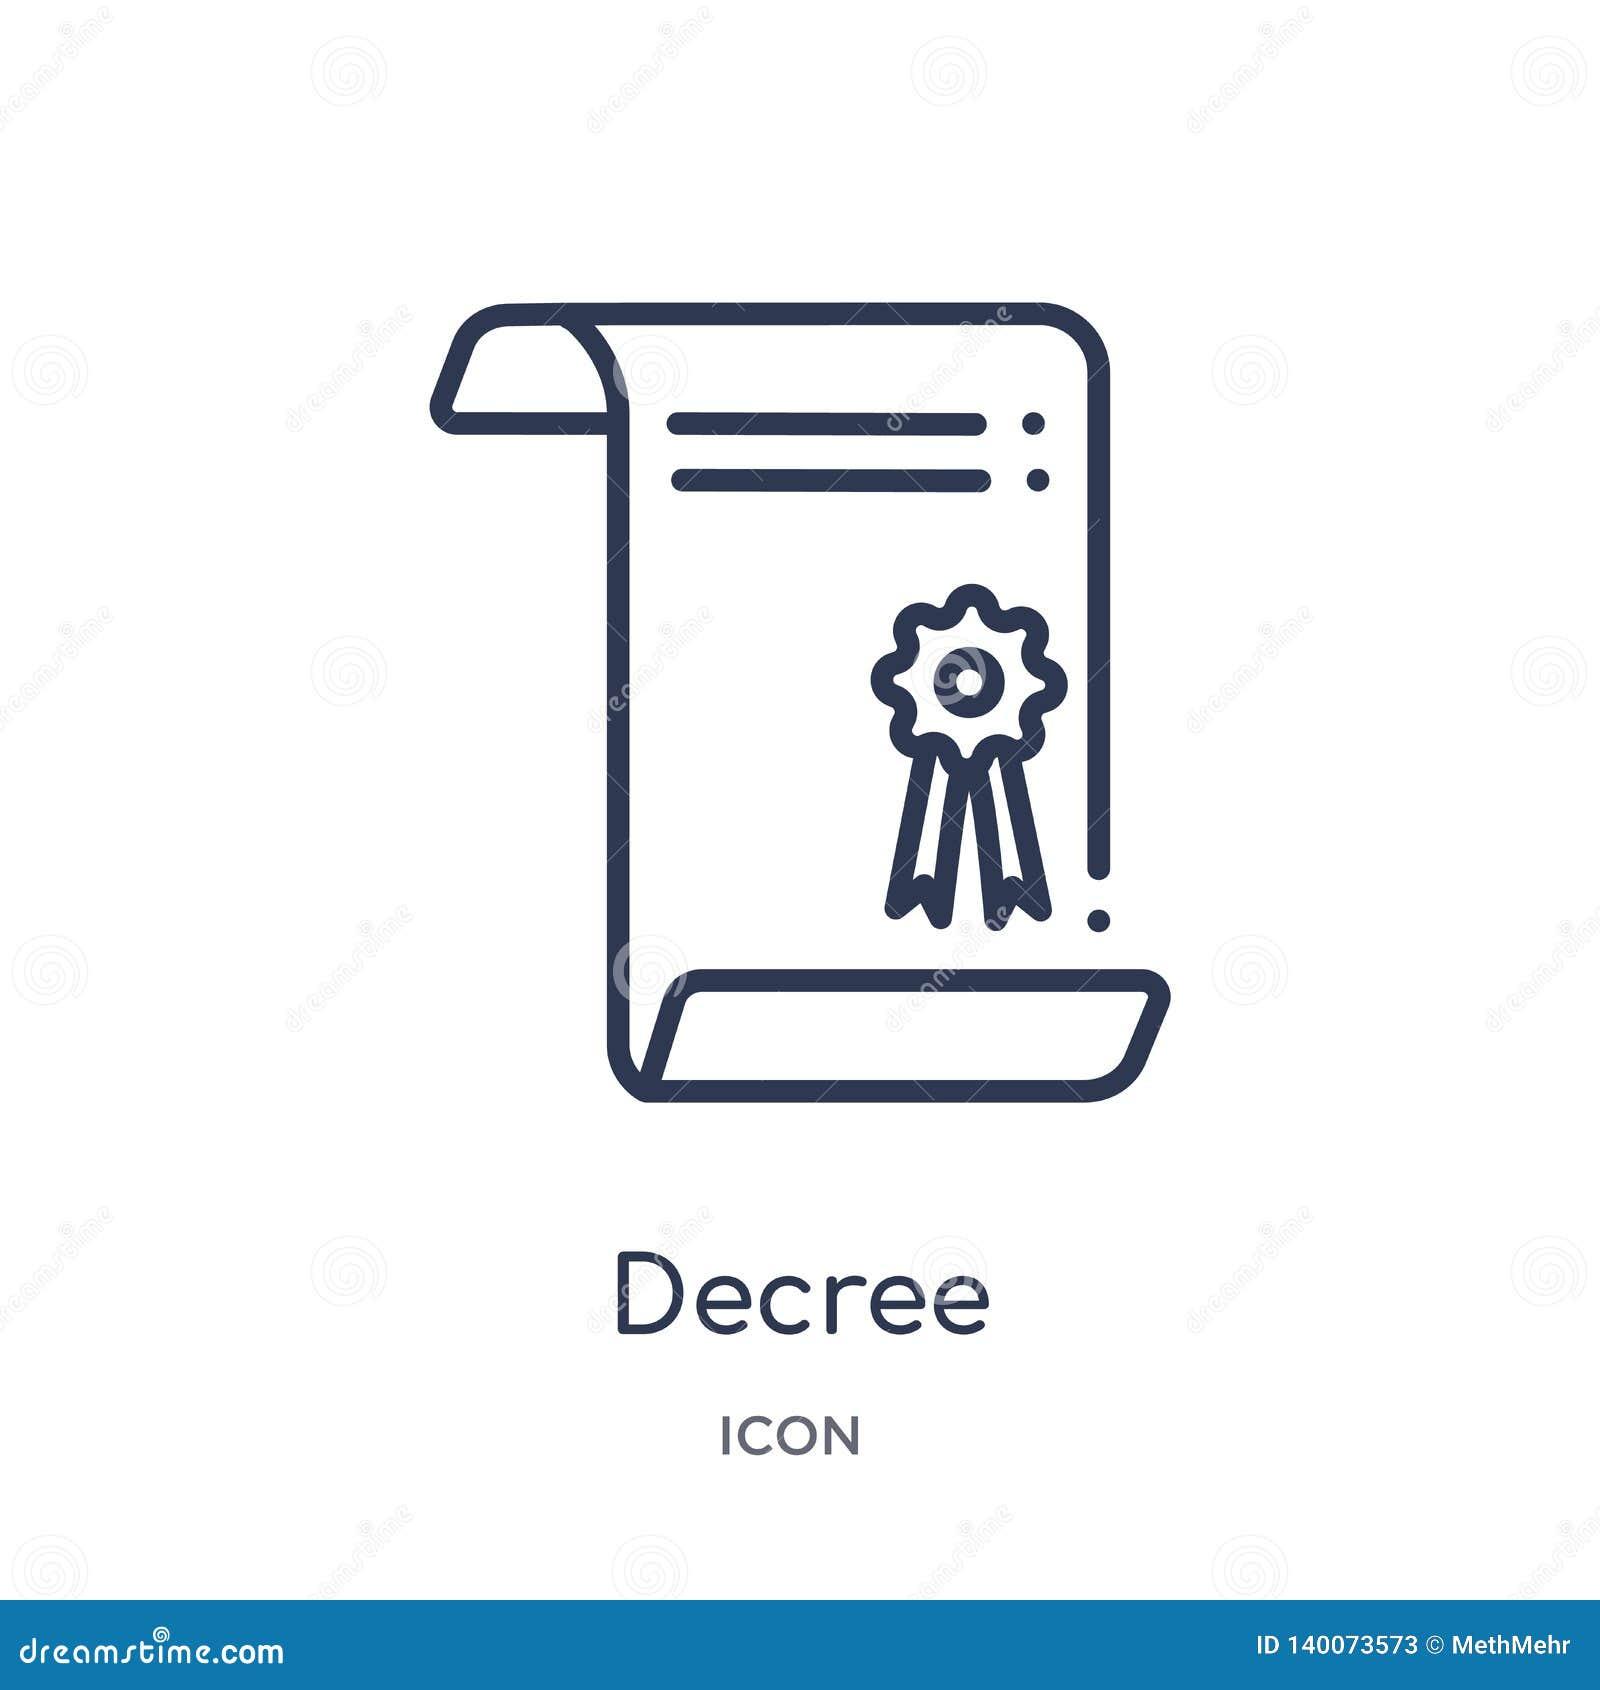 Icono linear del decreto de la colección del esquema de los gestos Línea fina icono del decreto aislado en el fondo blanco decret